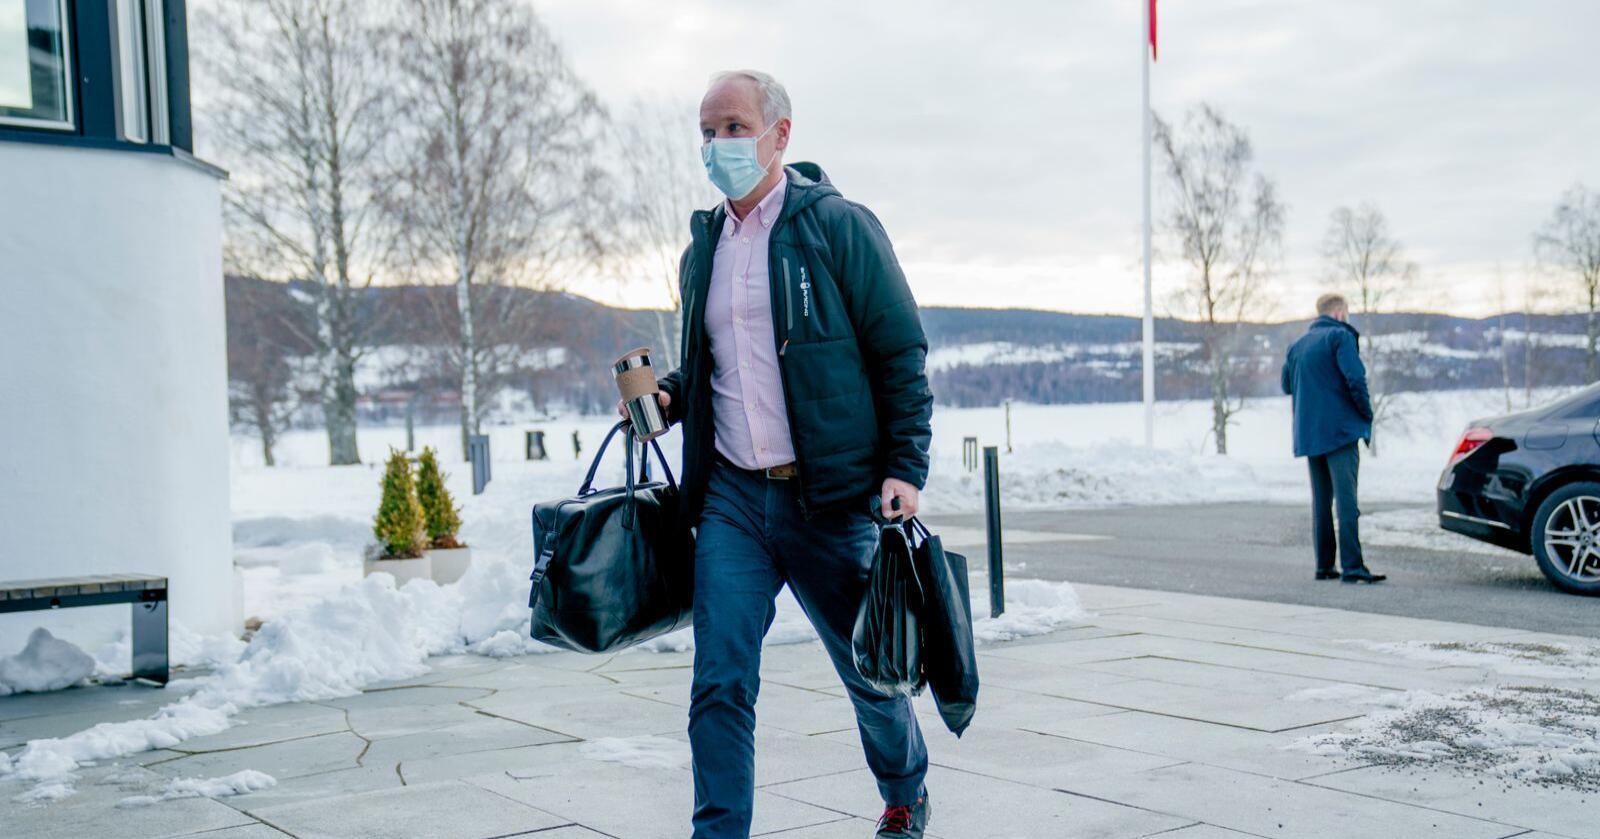 Finansminister Jan Tore Sanner (H) ankommer til regjeringens budsjettkonferanse på Hurdalssjøen hotell. Foto: Stian Lysberg Solum / POOL / NTB